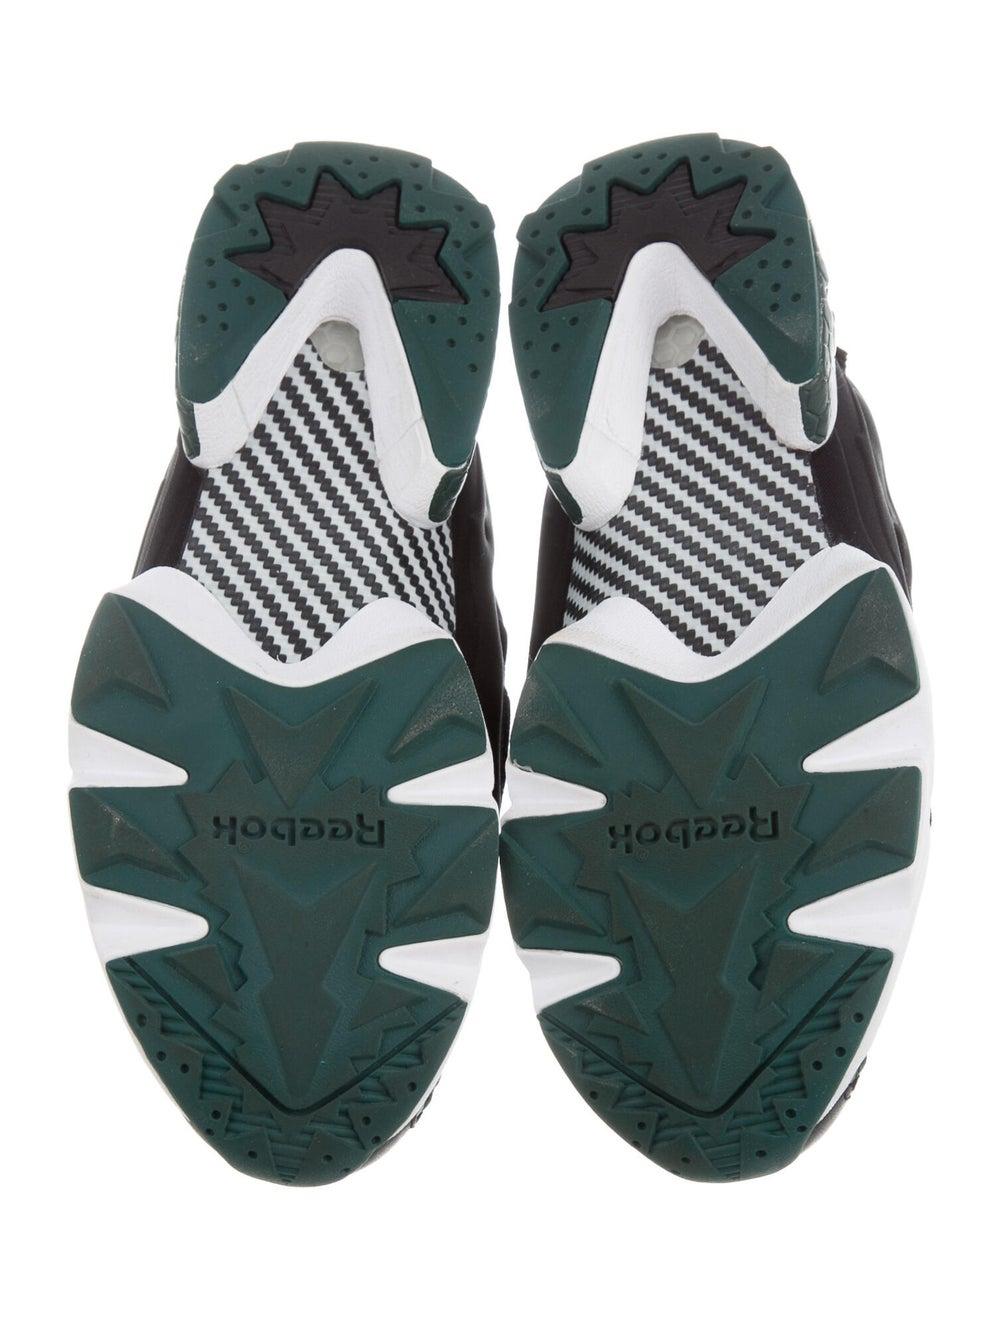 Reebok InstaPump Fury OG MU Sneakers Black - image 5